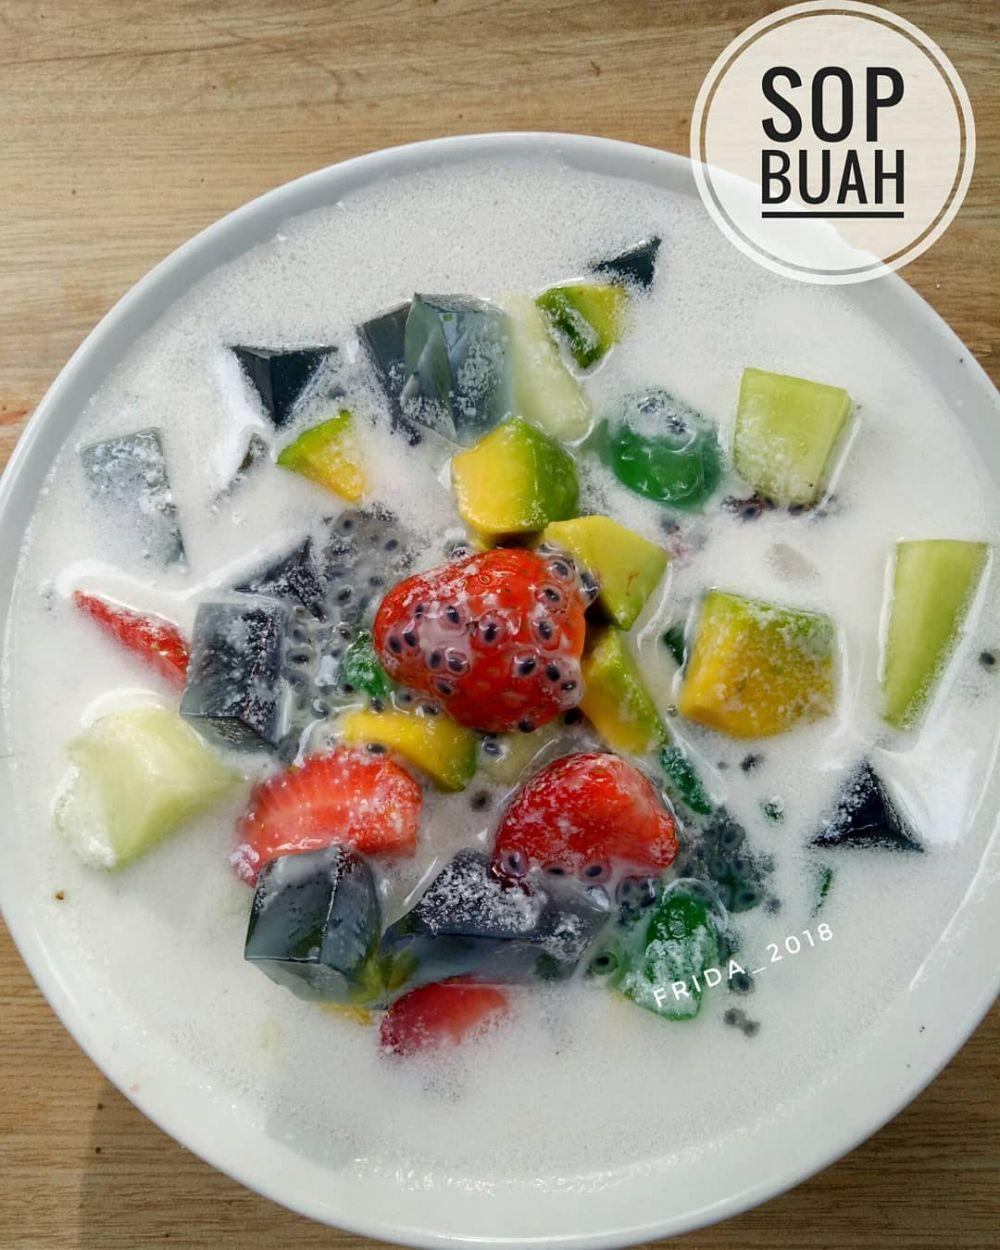 Resep sop buah © berbagai sumber